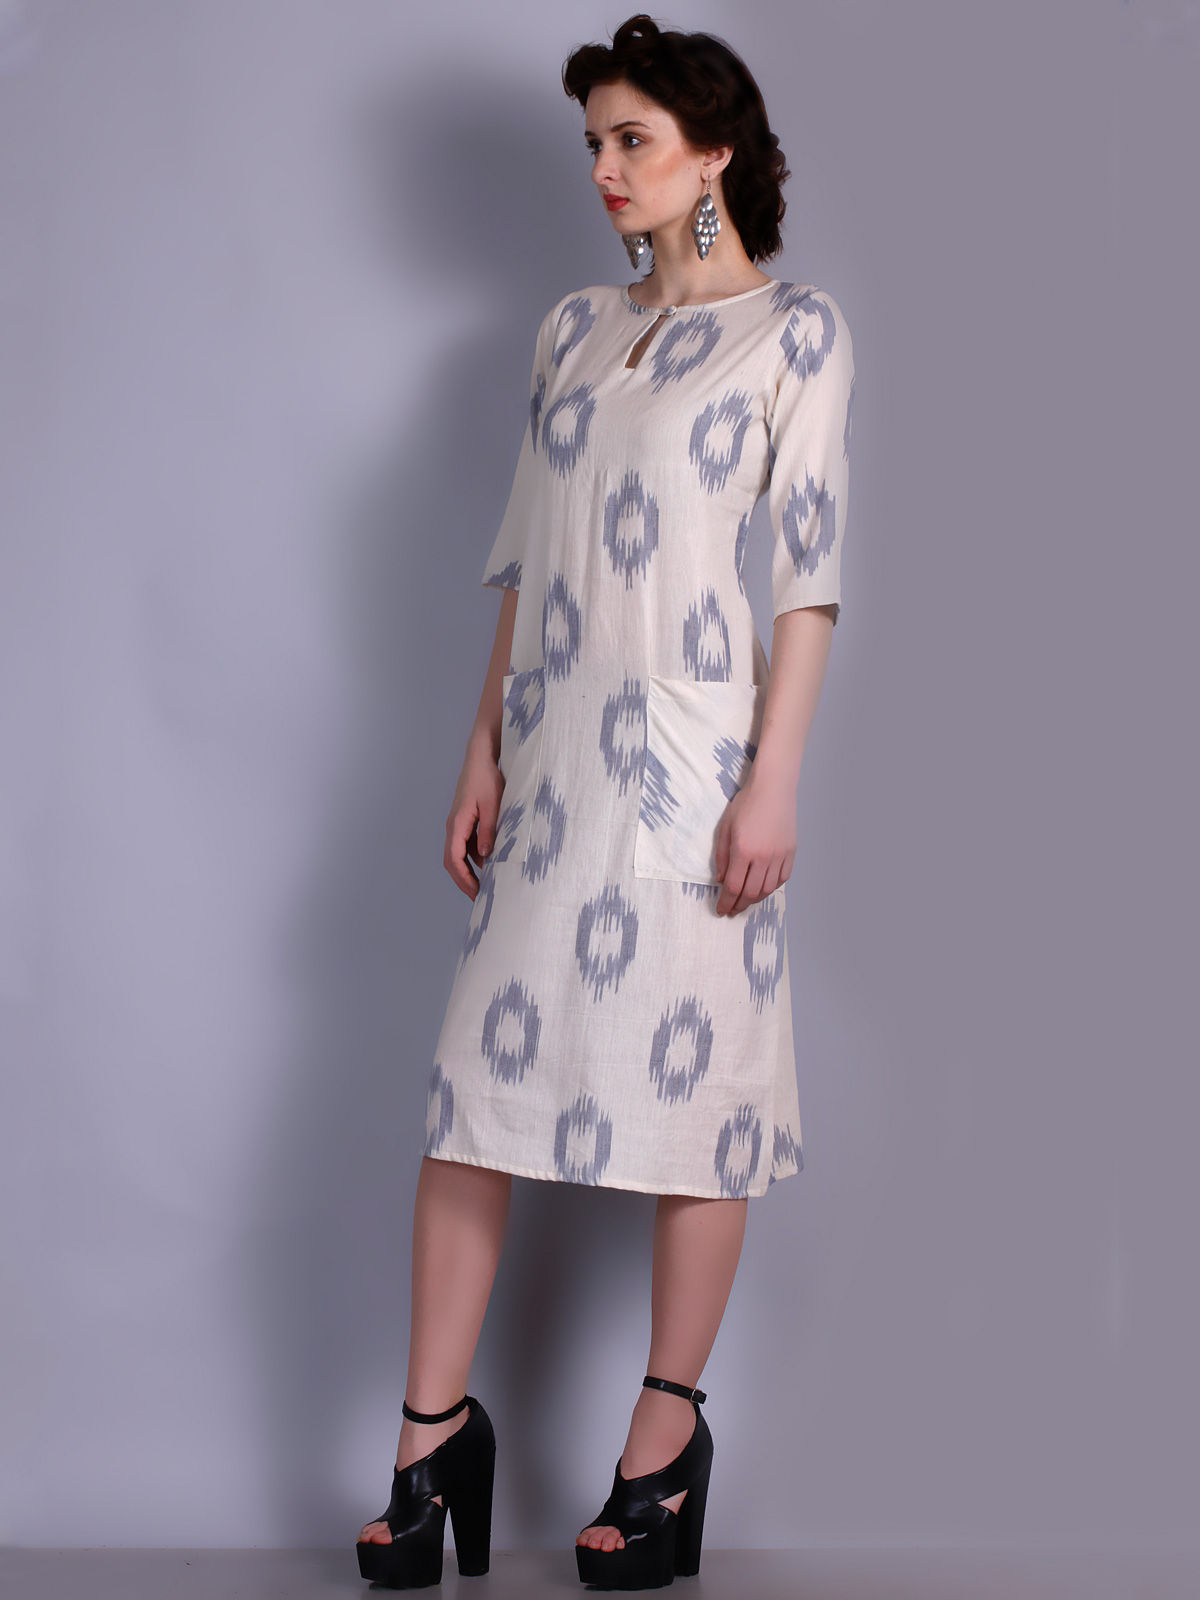 Beige color Ikat cotton dress